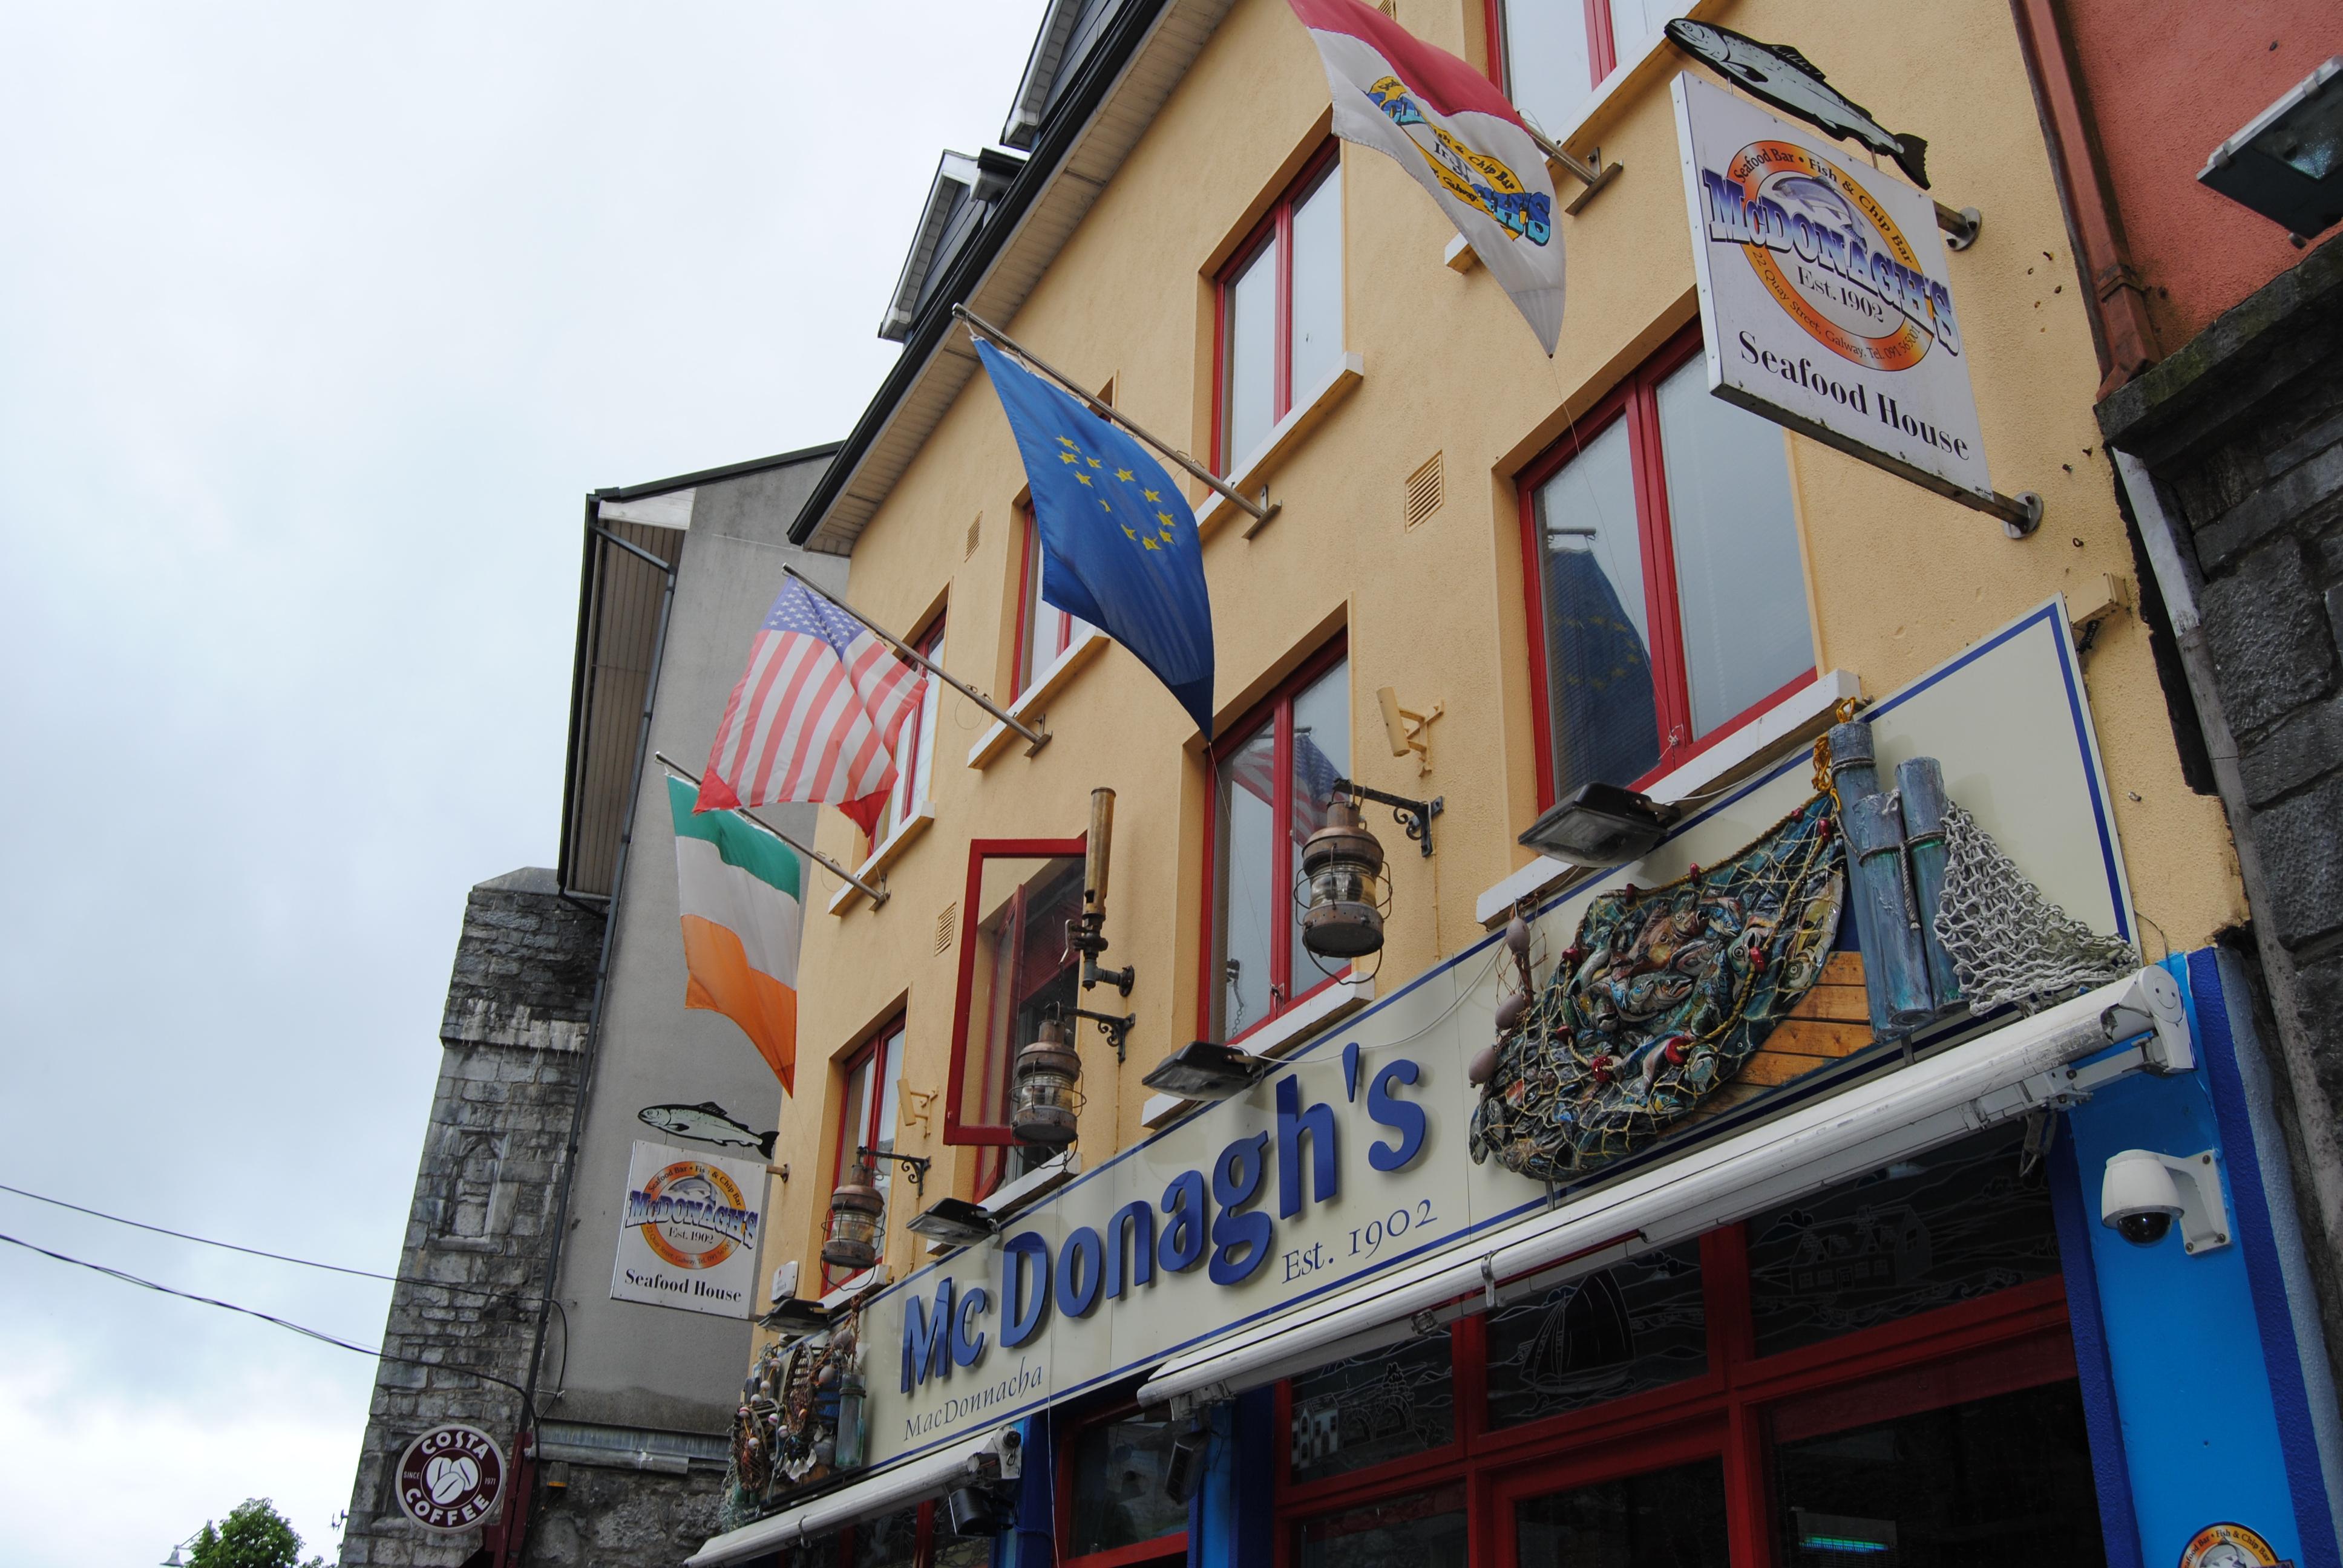 McDonagh's Fish Restaurant